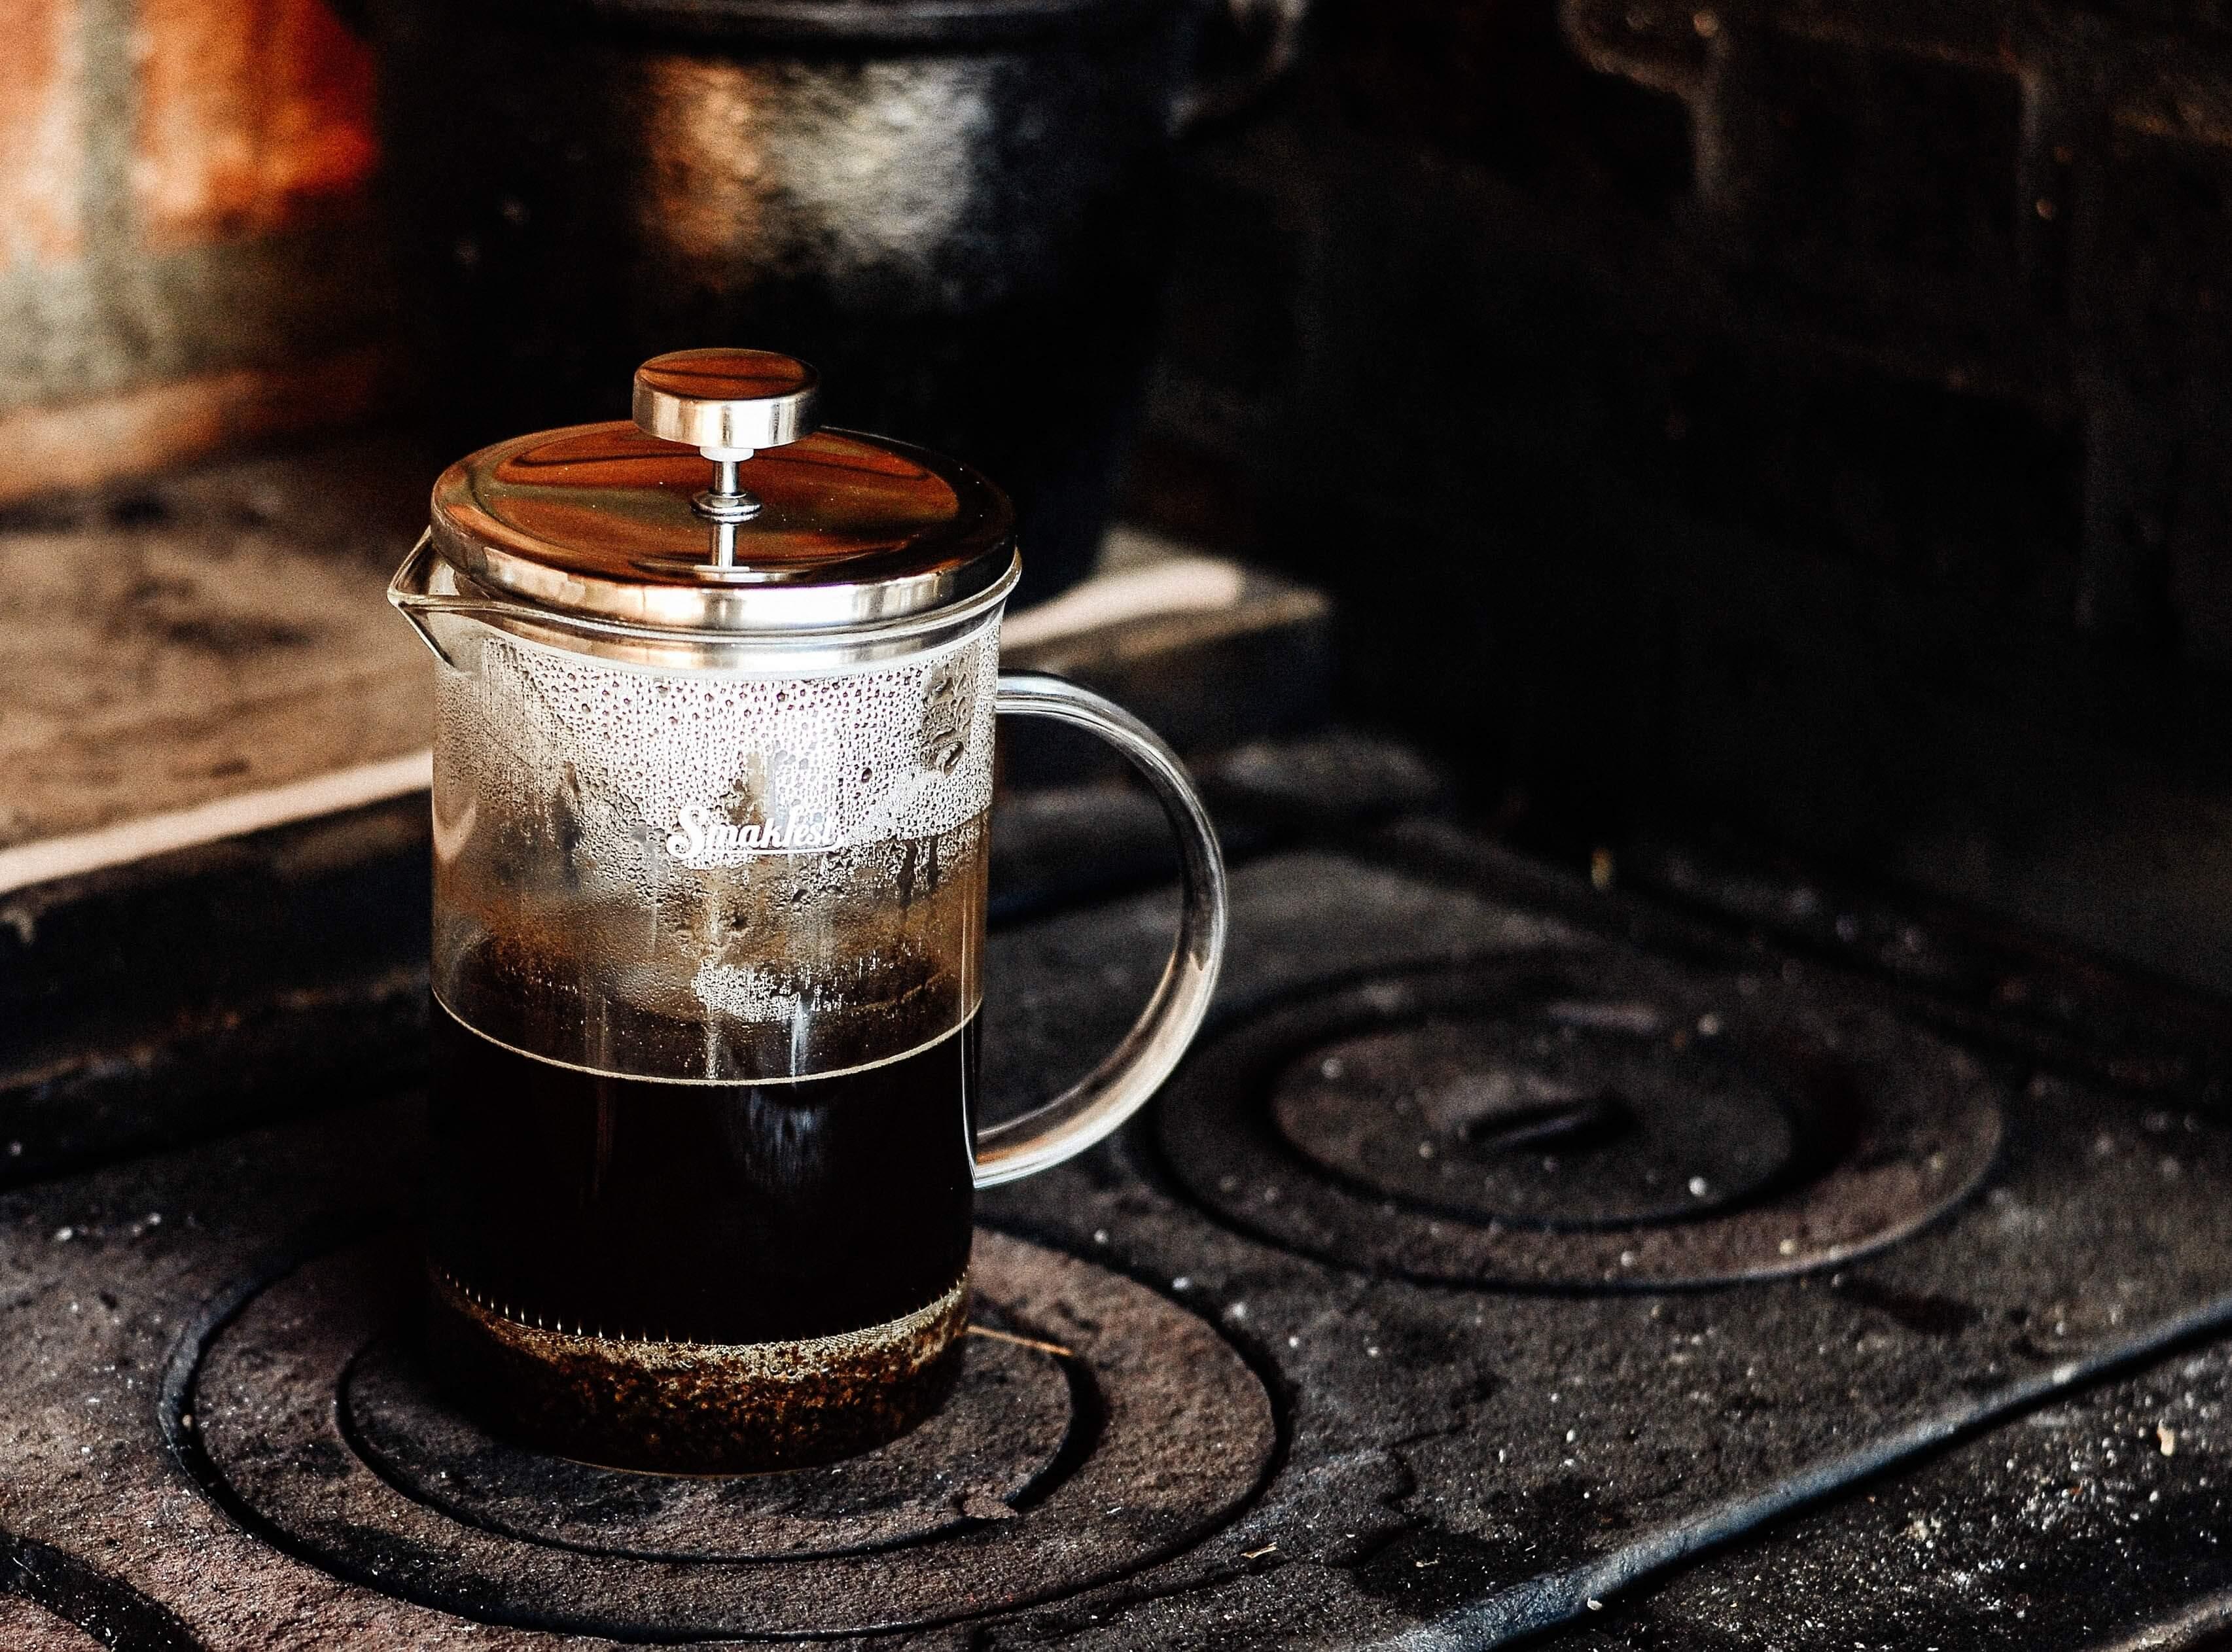 6 choses à considérer avant d'acheter une nouvelle cafetière